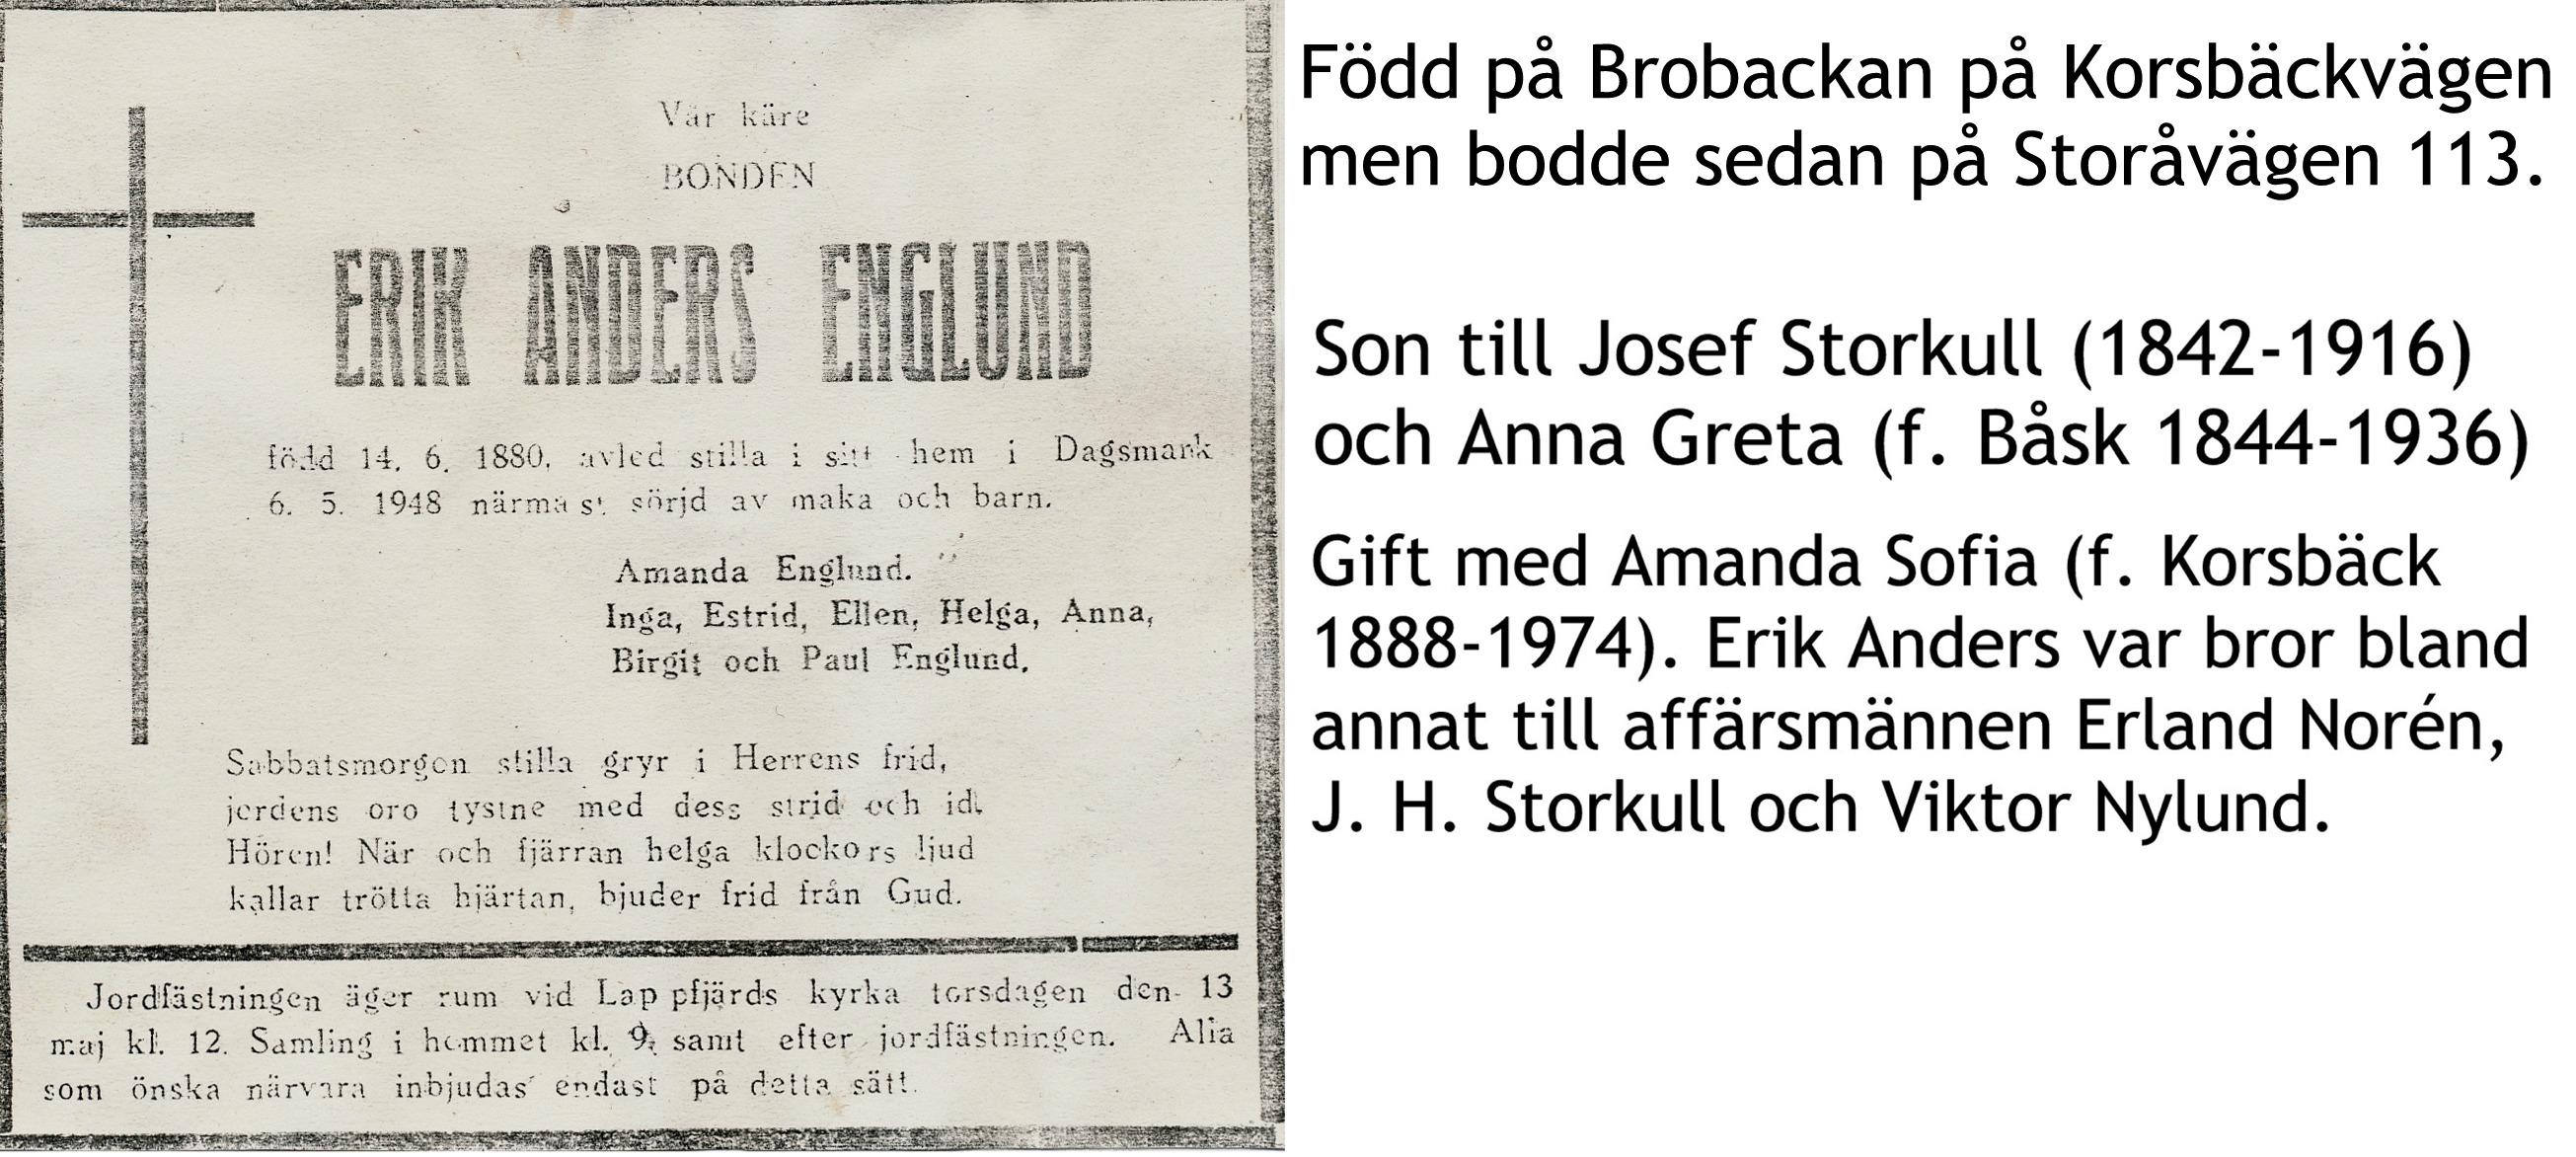 Englund Erik Anders